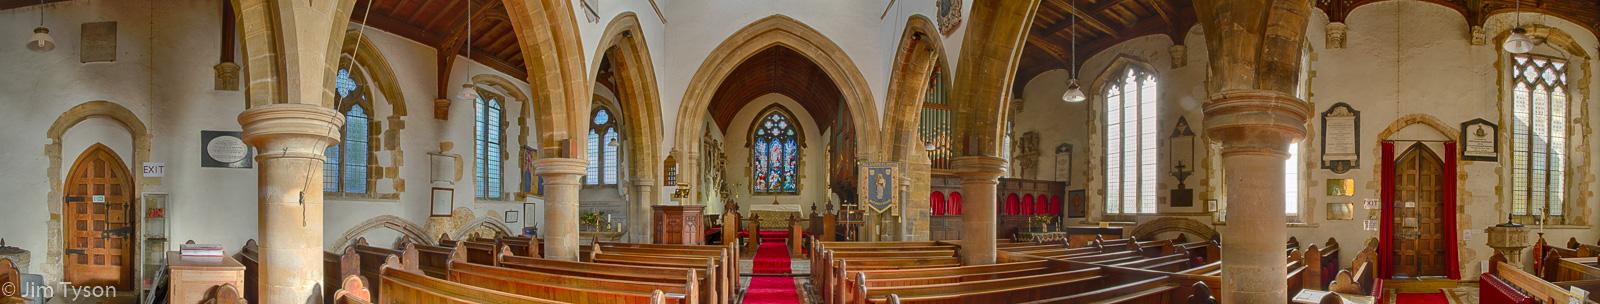 church wide angle.jpg